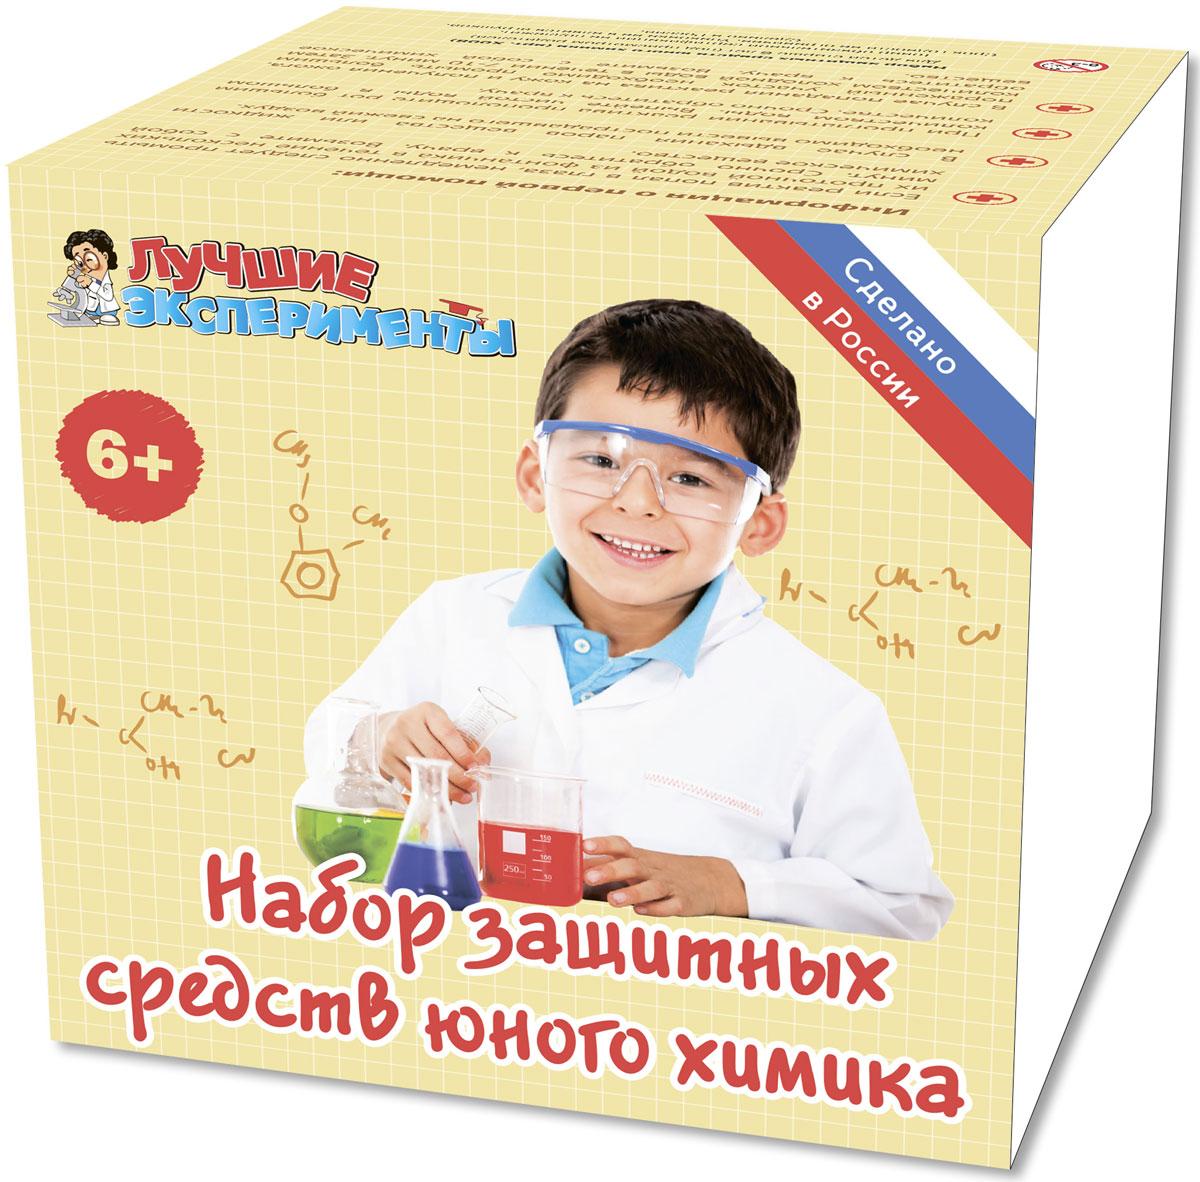 Набор для опытов Лучшие эксперименты Защитный набор юного химика